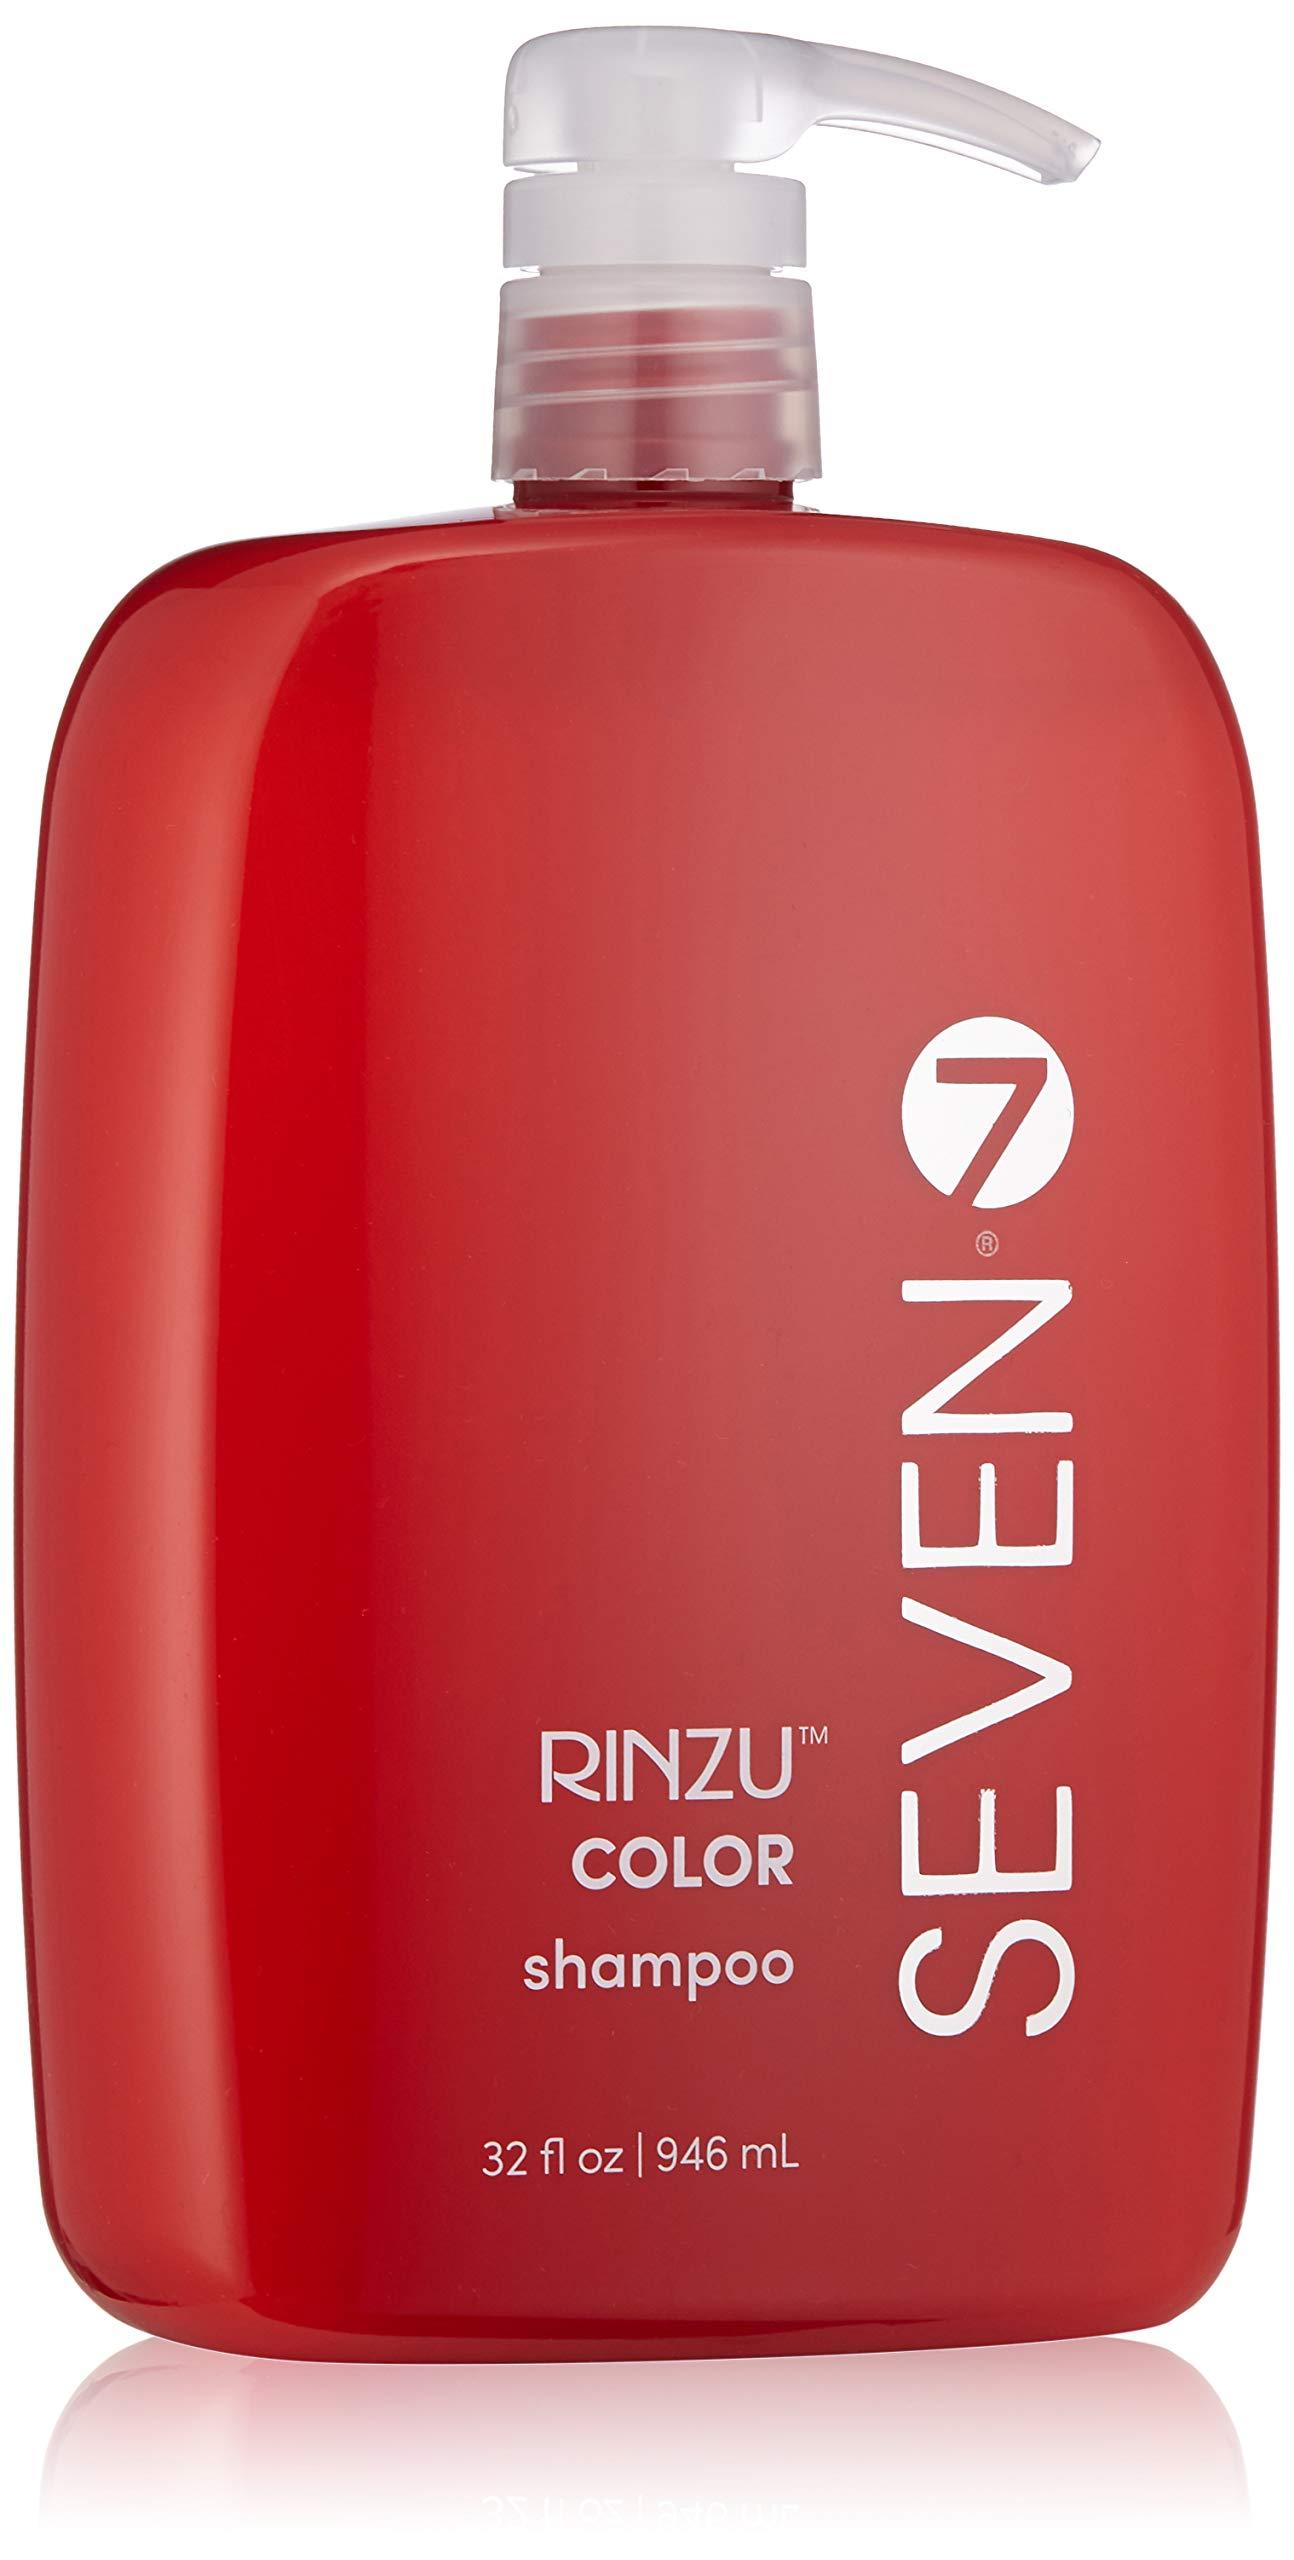 SEVEN Rinzu Color Shampoo, 32 fl. oz. by Seven